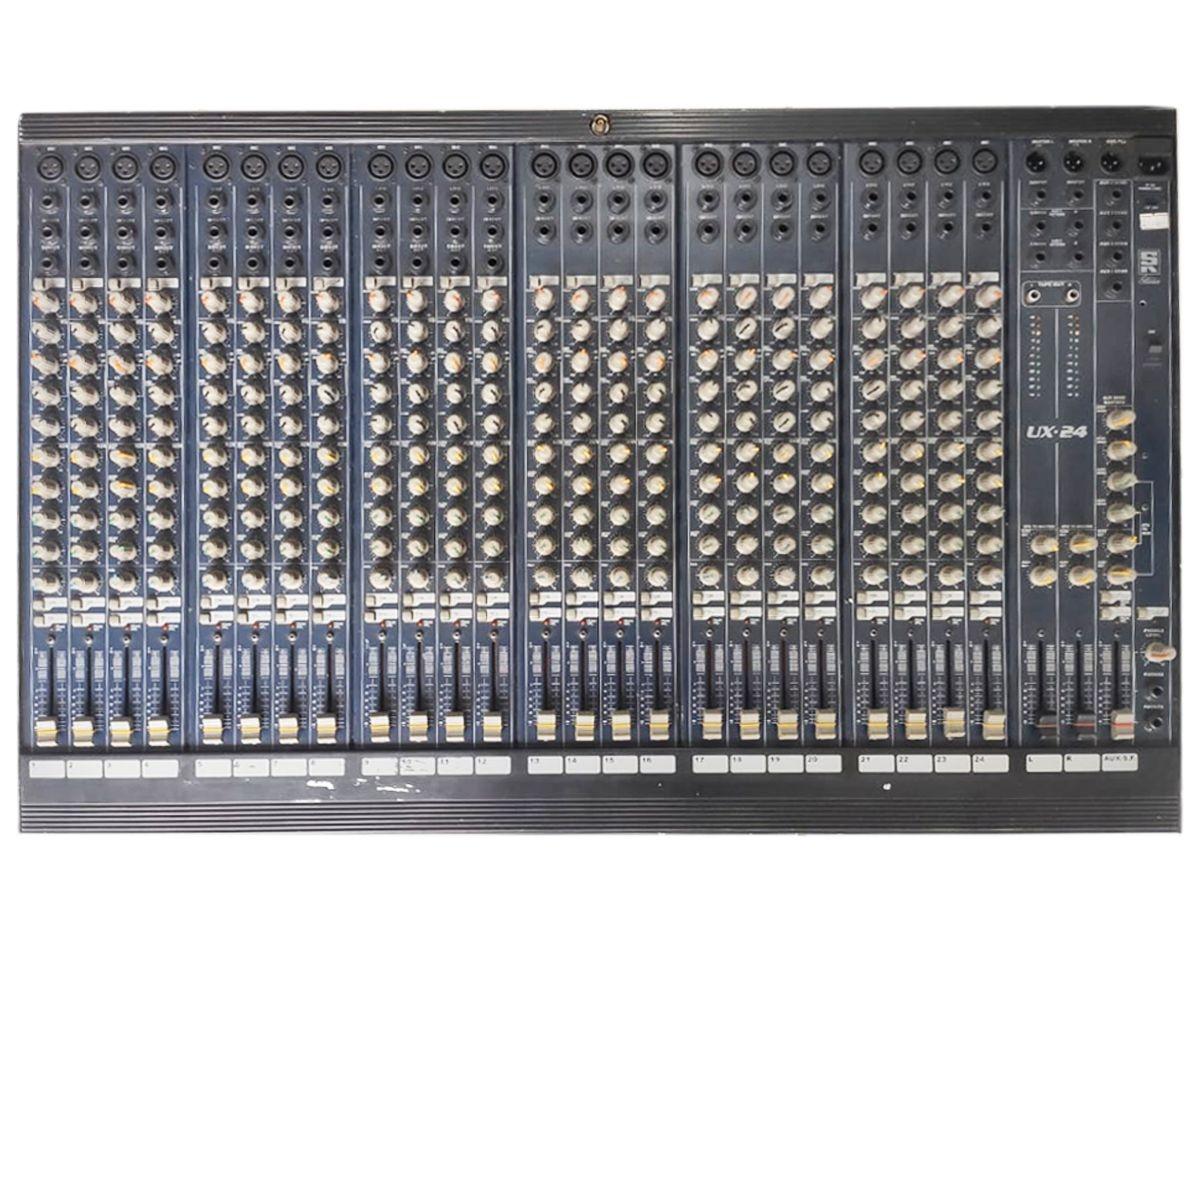 Mesa de Som Analógica Staner UX-24 Usada